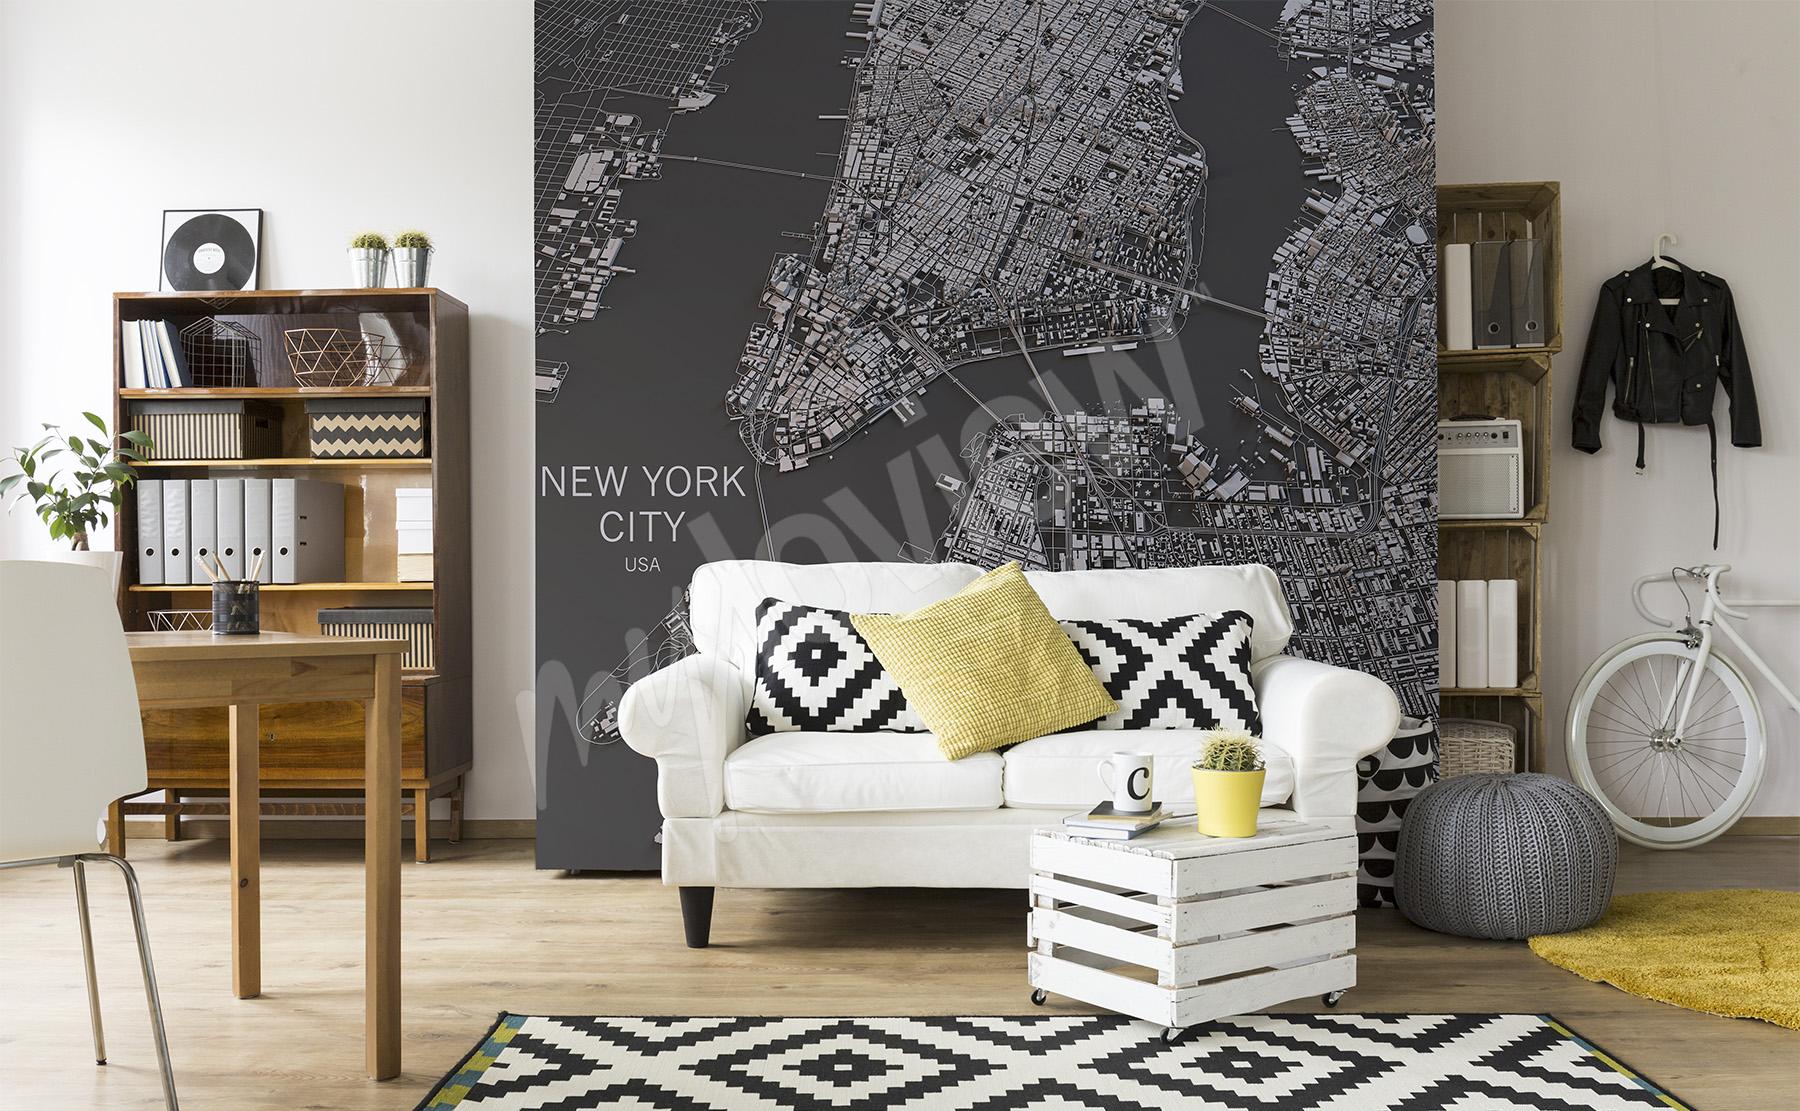 Fototapeten wohnzimmer gr e der wand - Dekorative pflanzen furs wohnzimmer ...